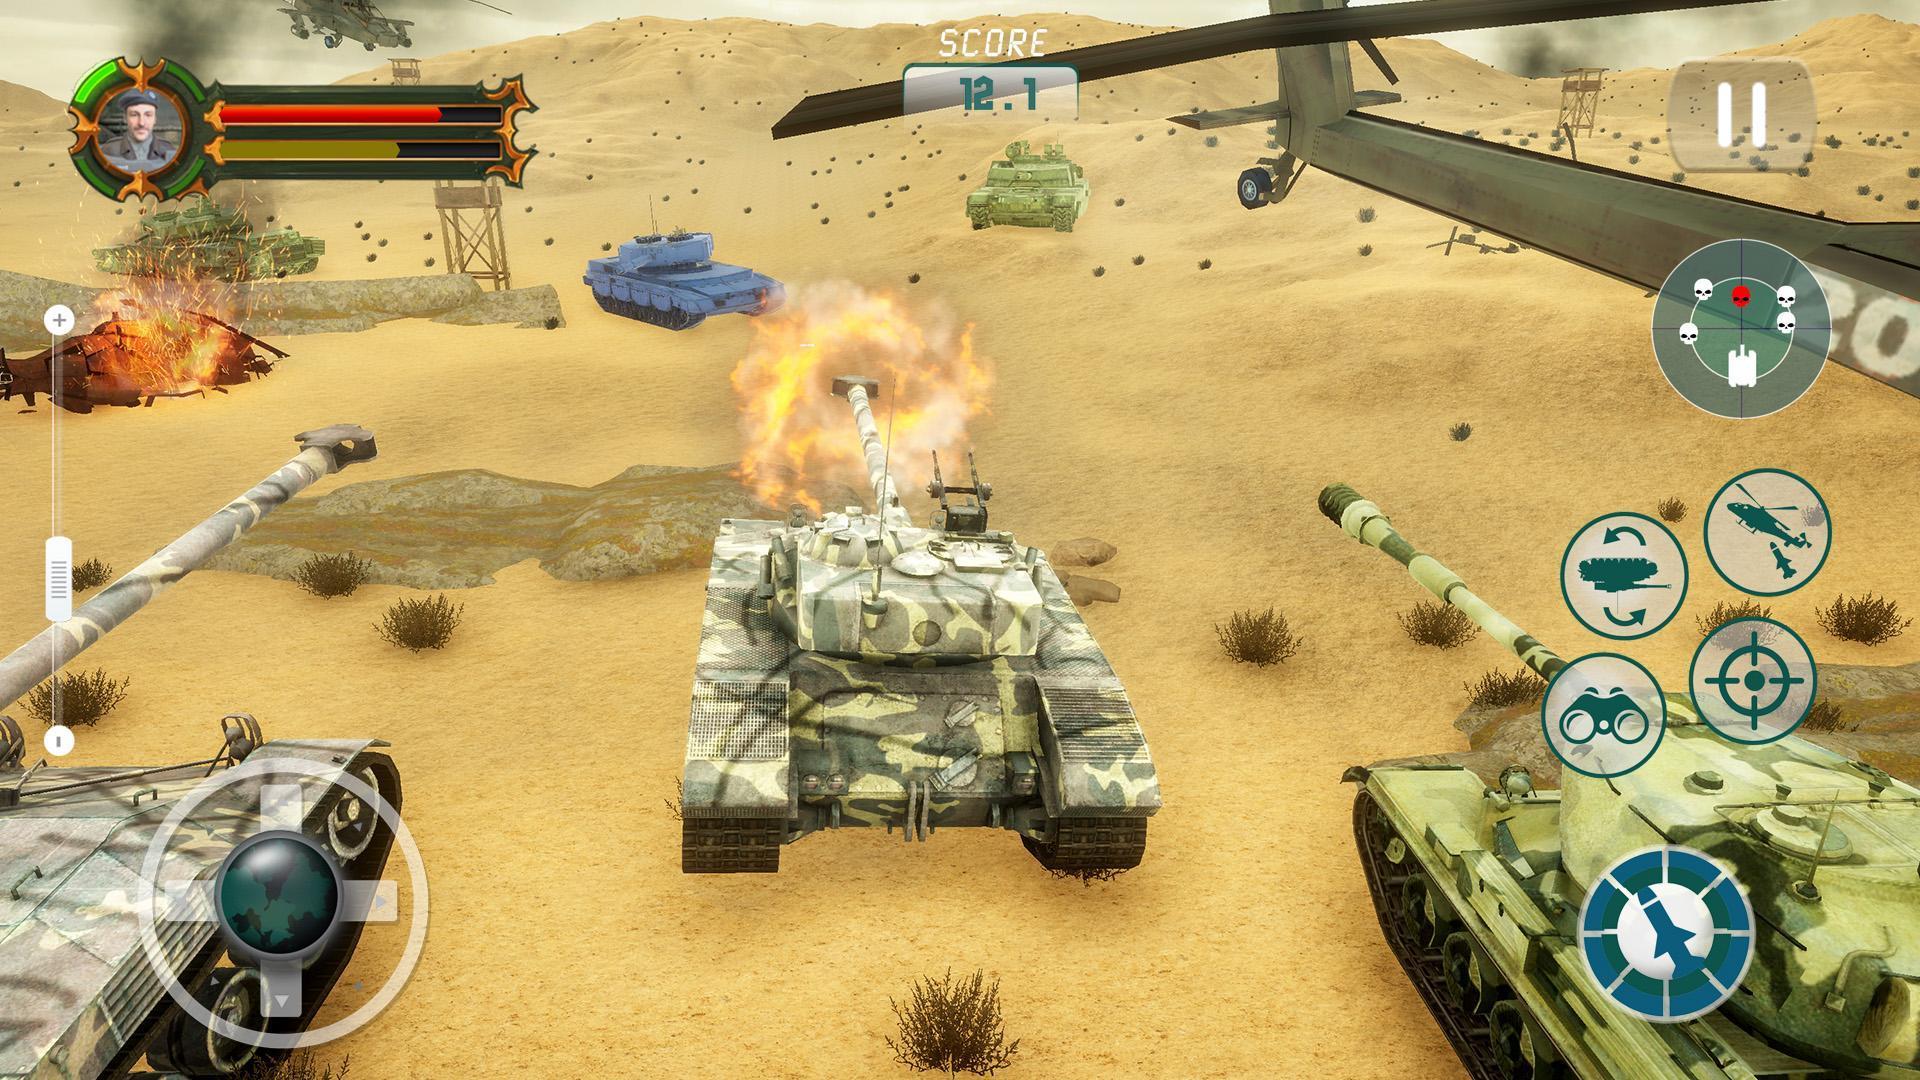 Battle Tank games 2020: Offline War Machines Games 1.6.1 Screenshot 12